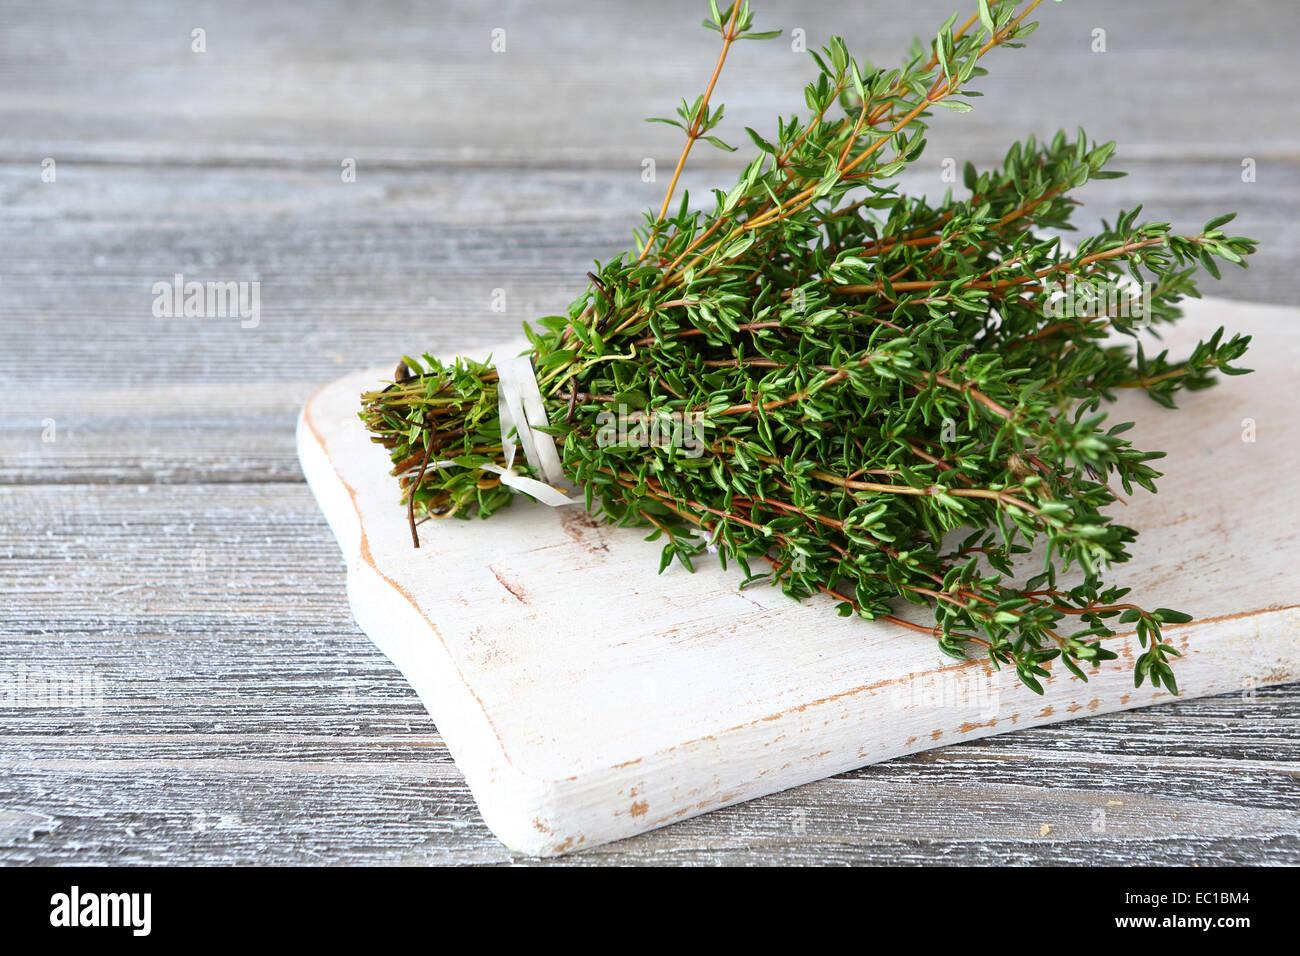 Bündel von duftenden Thymian, Gewürz Kräuter Stockbild